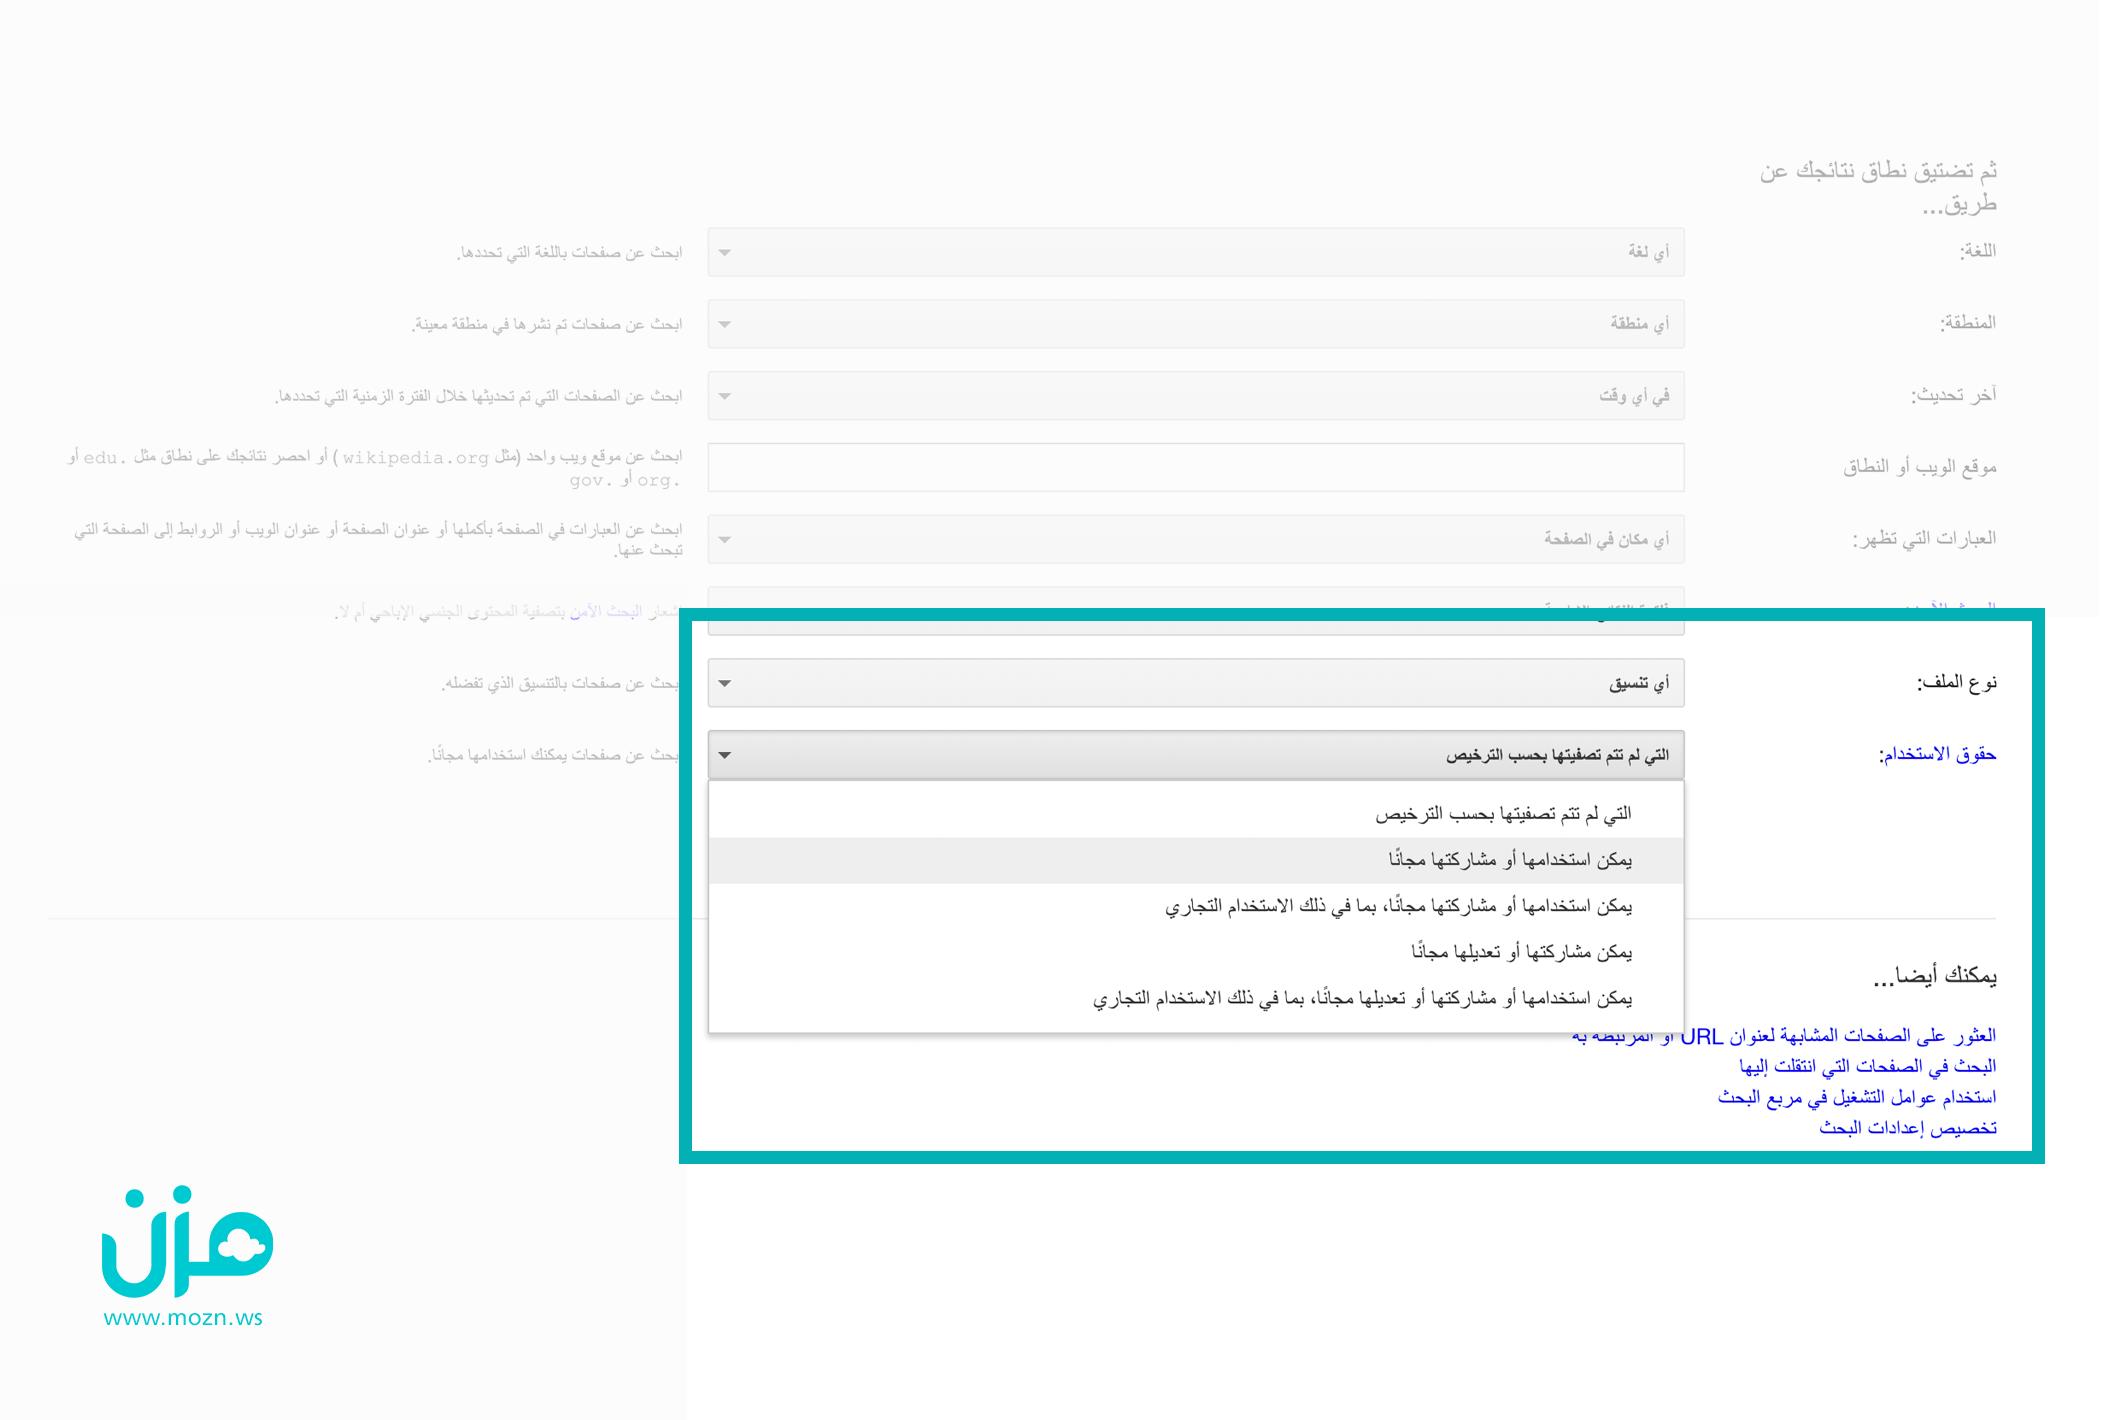 صفحة البحث المتقدم في محرك بحث قوقل.